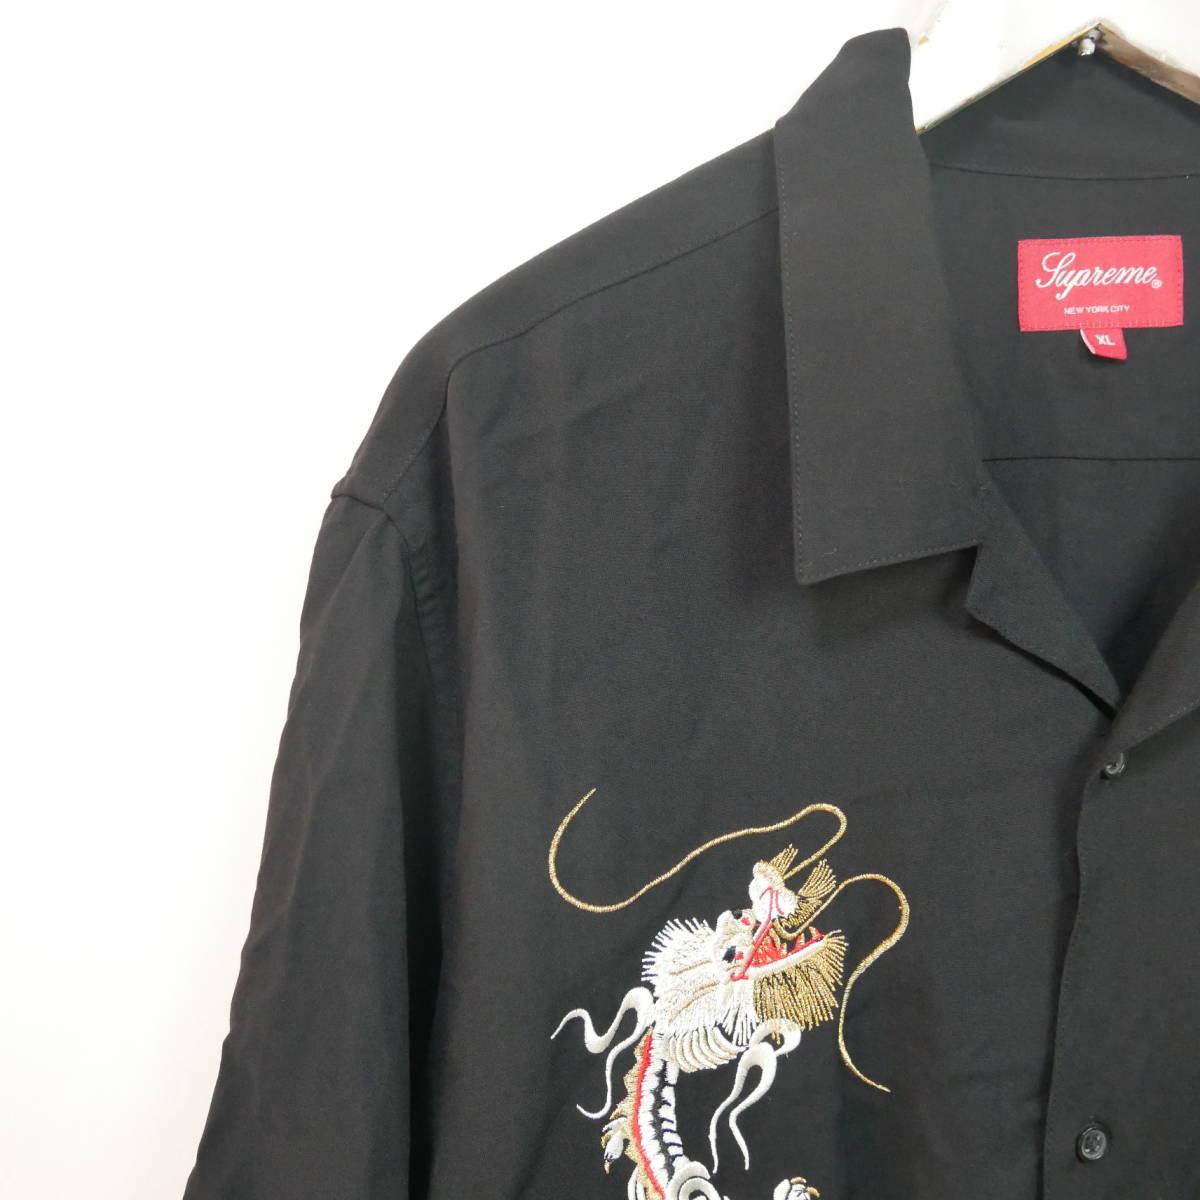 【1円】良好 国内正規 Supreme 18AW 18FW Dragon Rayon Shirt ドラゴンレーヨンシャツ Black 黒 XL_画像2